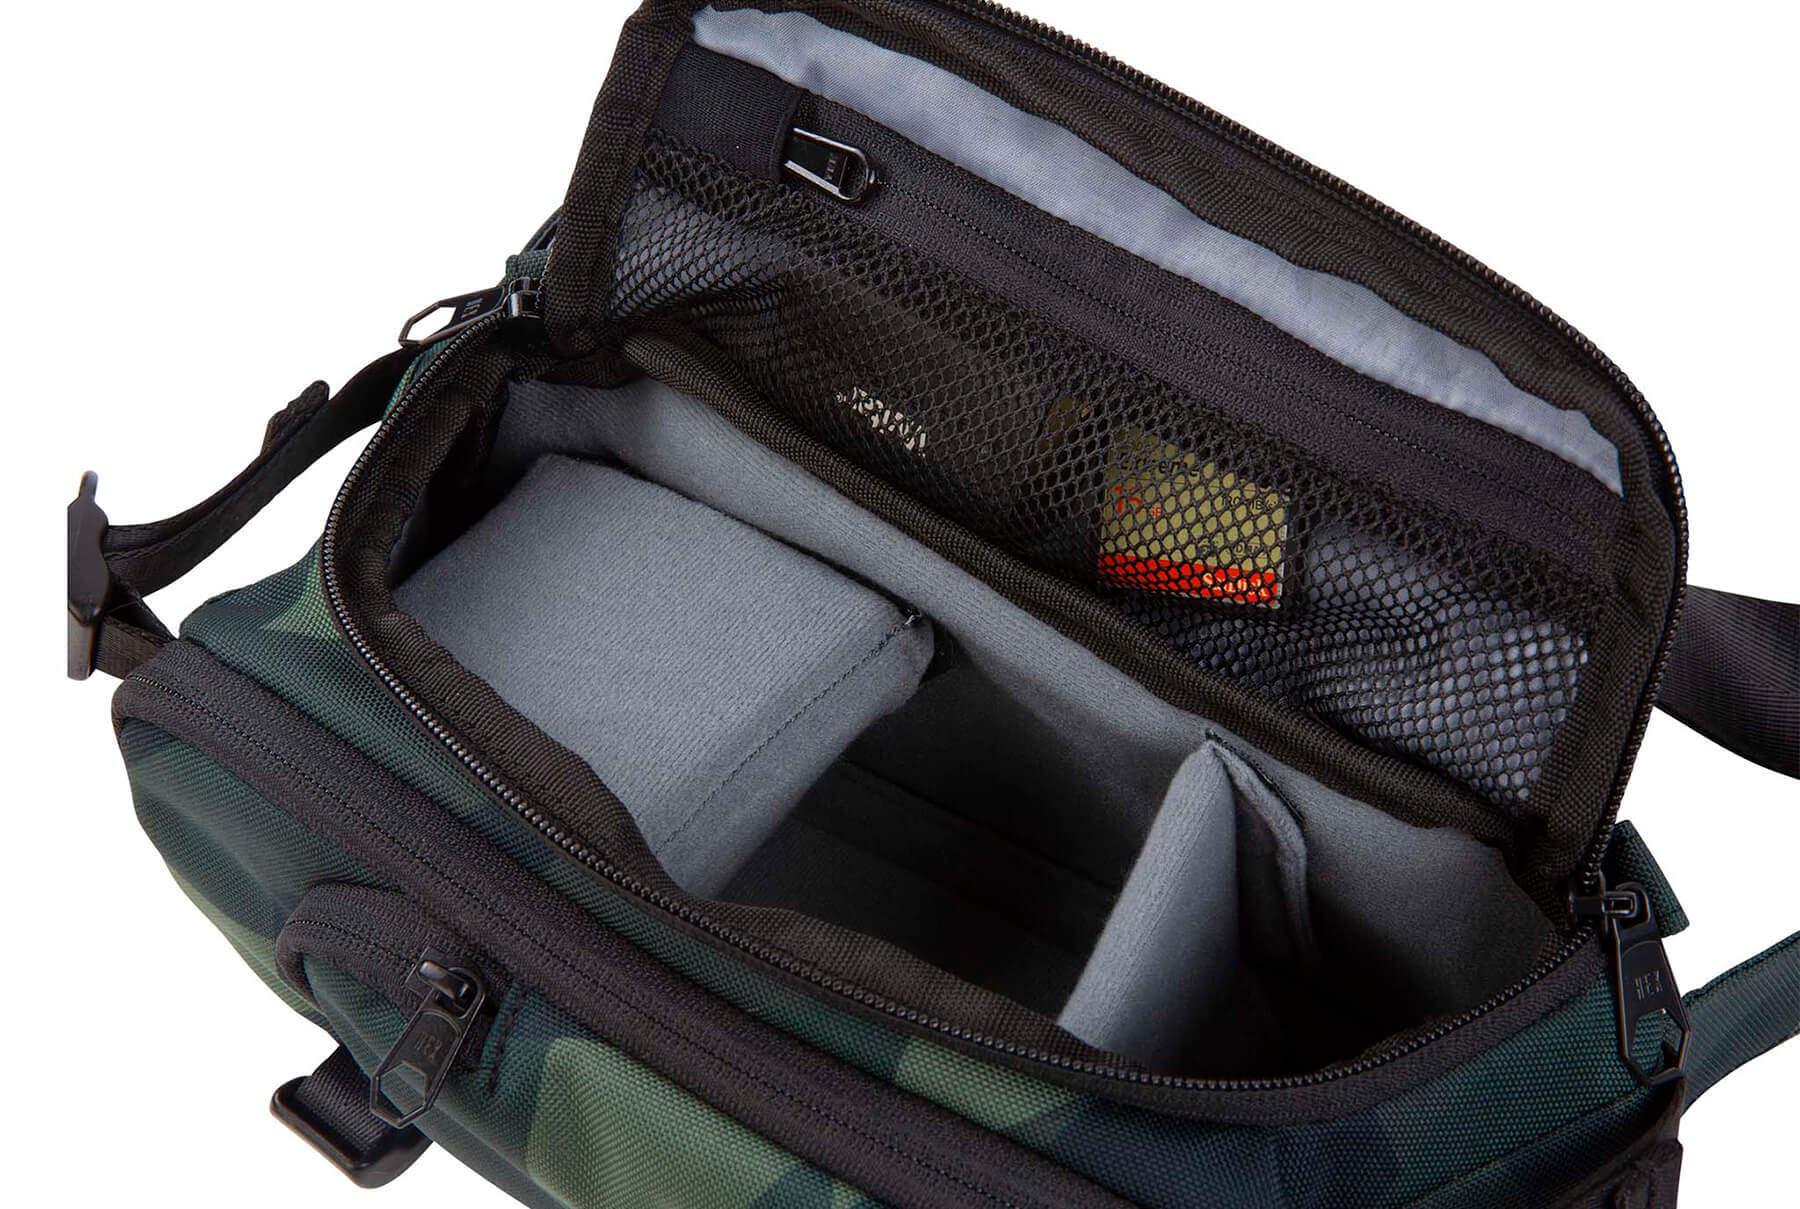 HEX Mini DSLR sling